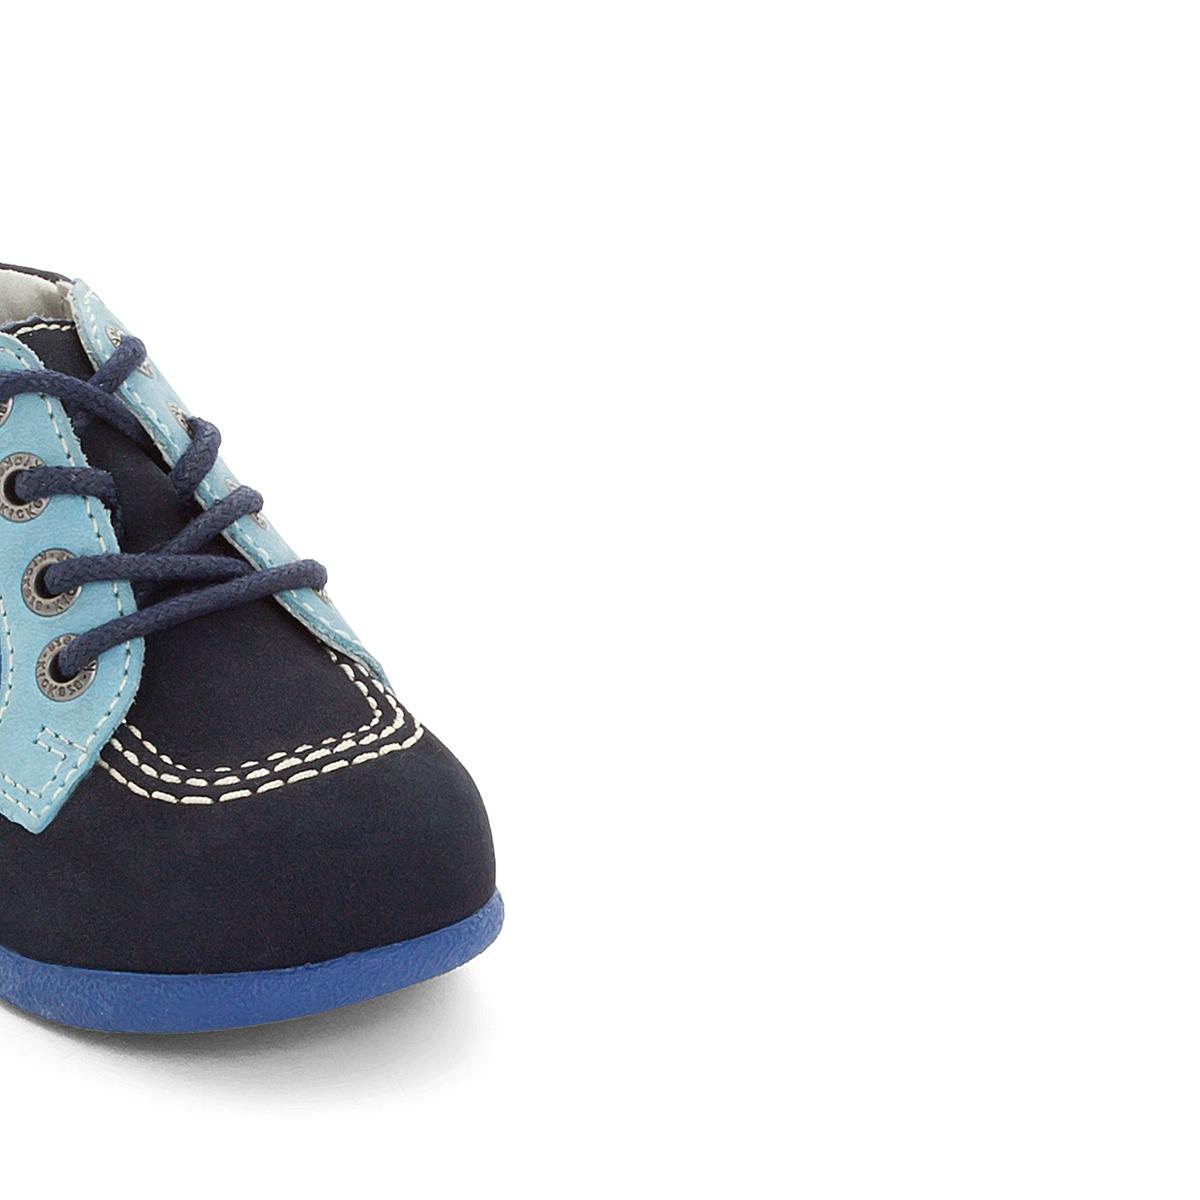 Ботинки BabystanВерх : нубук   Подкладка : Без подкладки   Стелька : ВелюрПодошва : Каучук   Застежка : Шнуровка<br><br>Цвет: синий